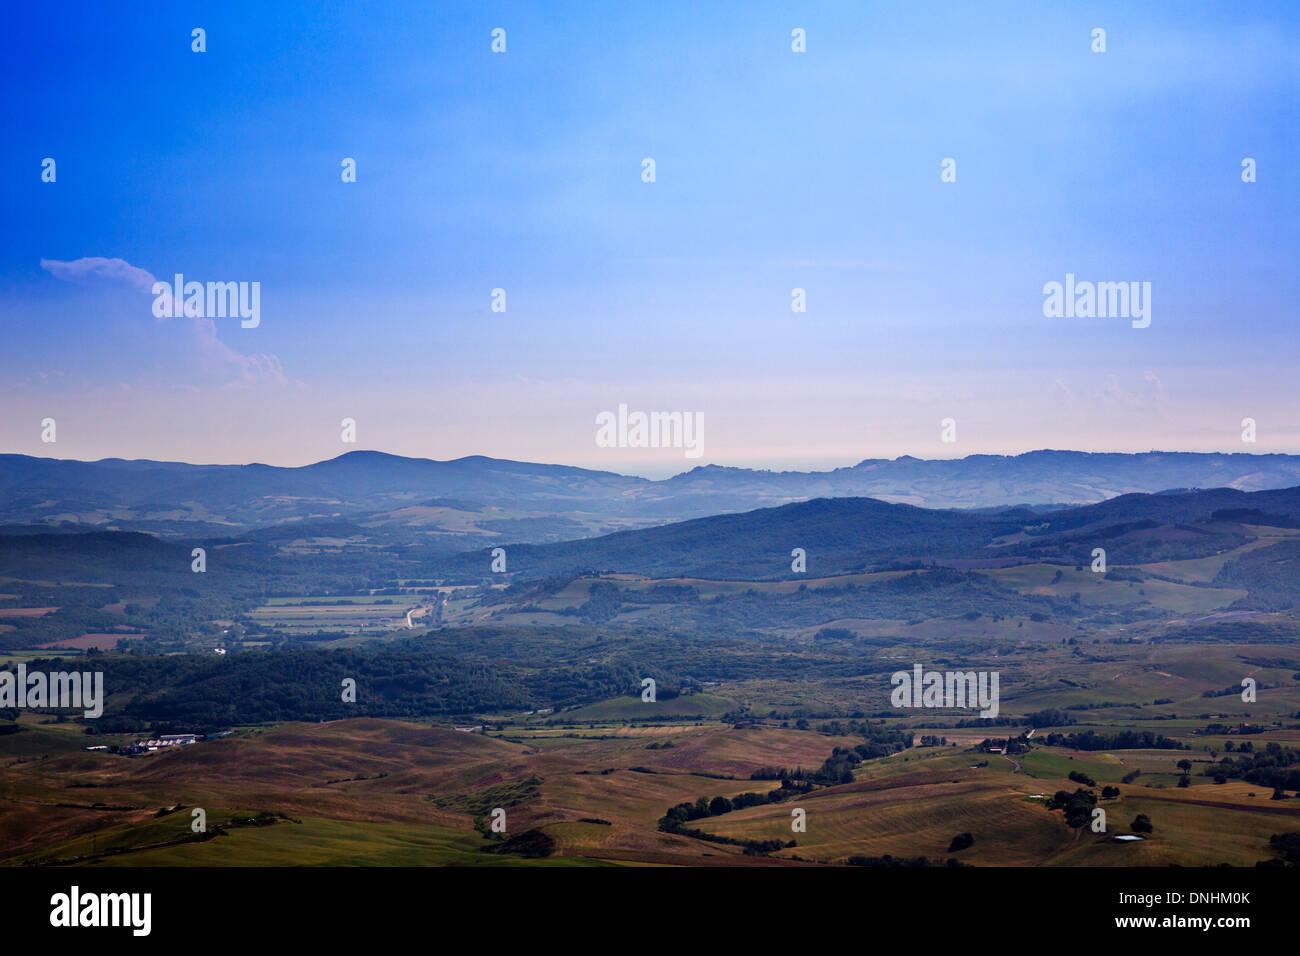 Vogelperspektive Blick auf eine Landschaft, Volterra, Provinz Pisa, Toskana, Italien Stockbild